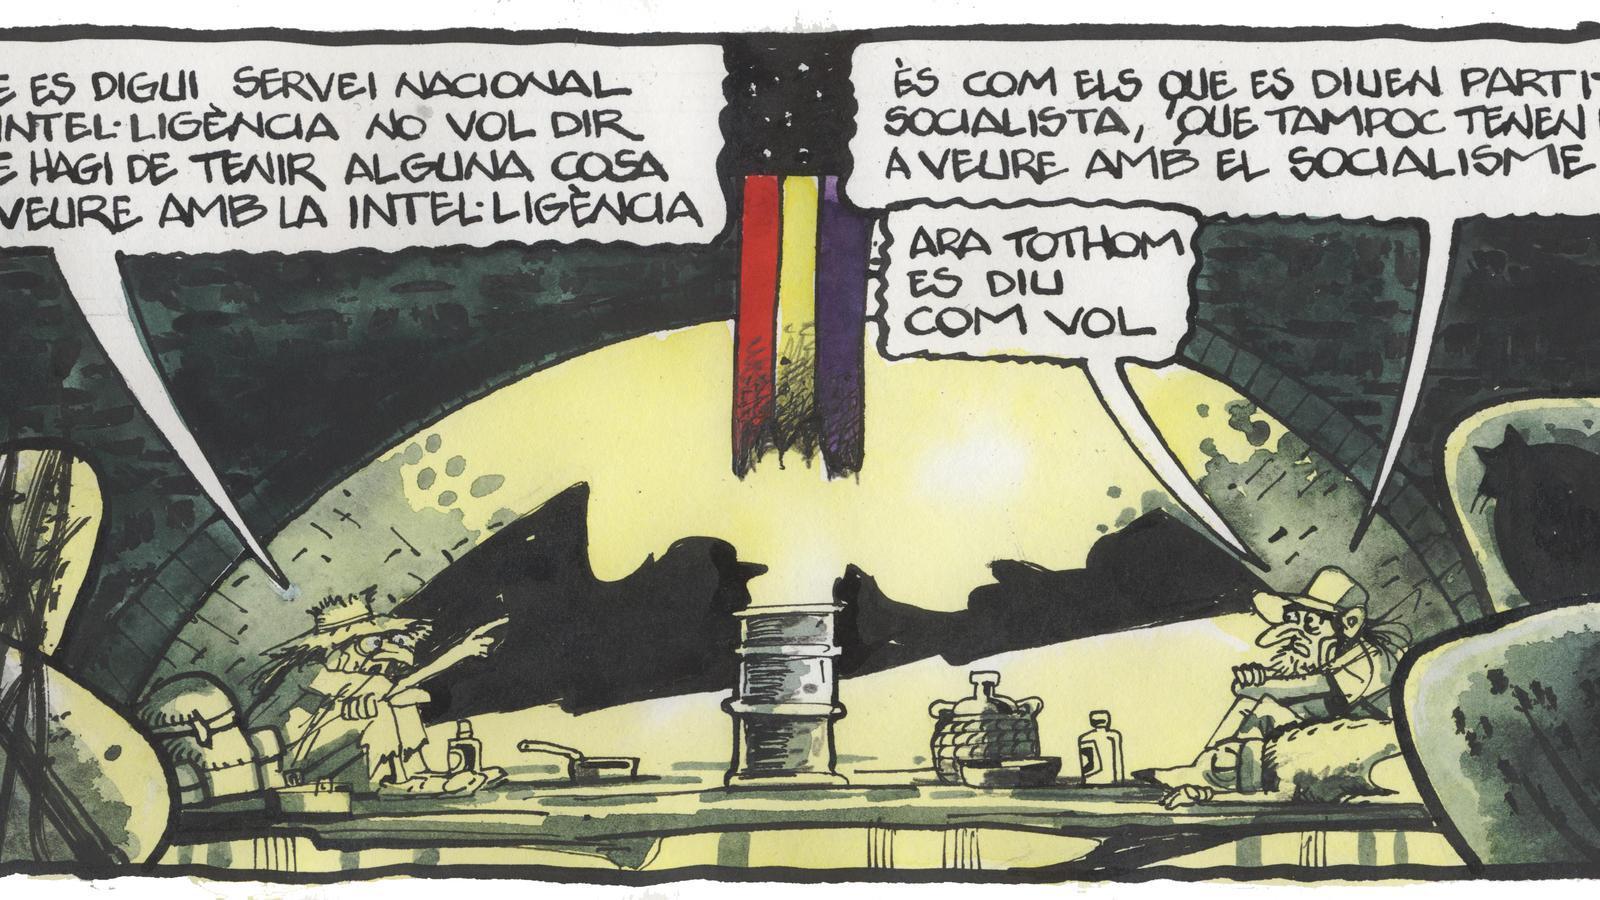 'A la contra', per Ferreres (19/07/2019)